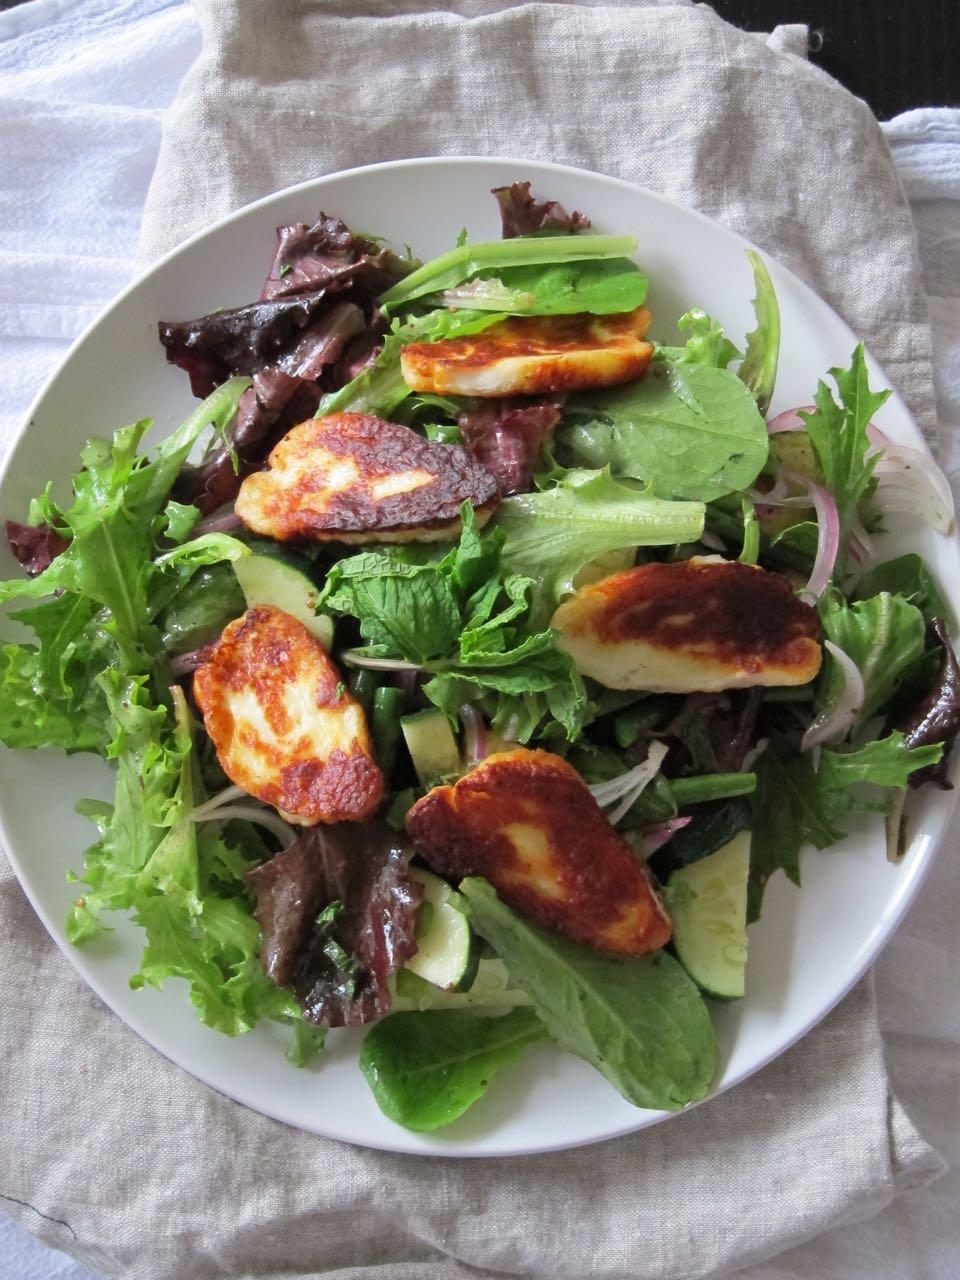 Fried Haloumi Salad with Zaatar Dressing